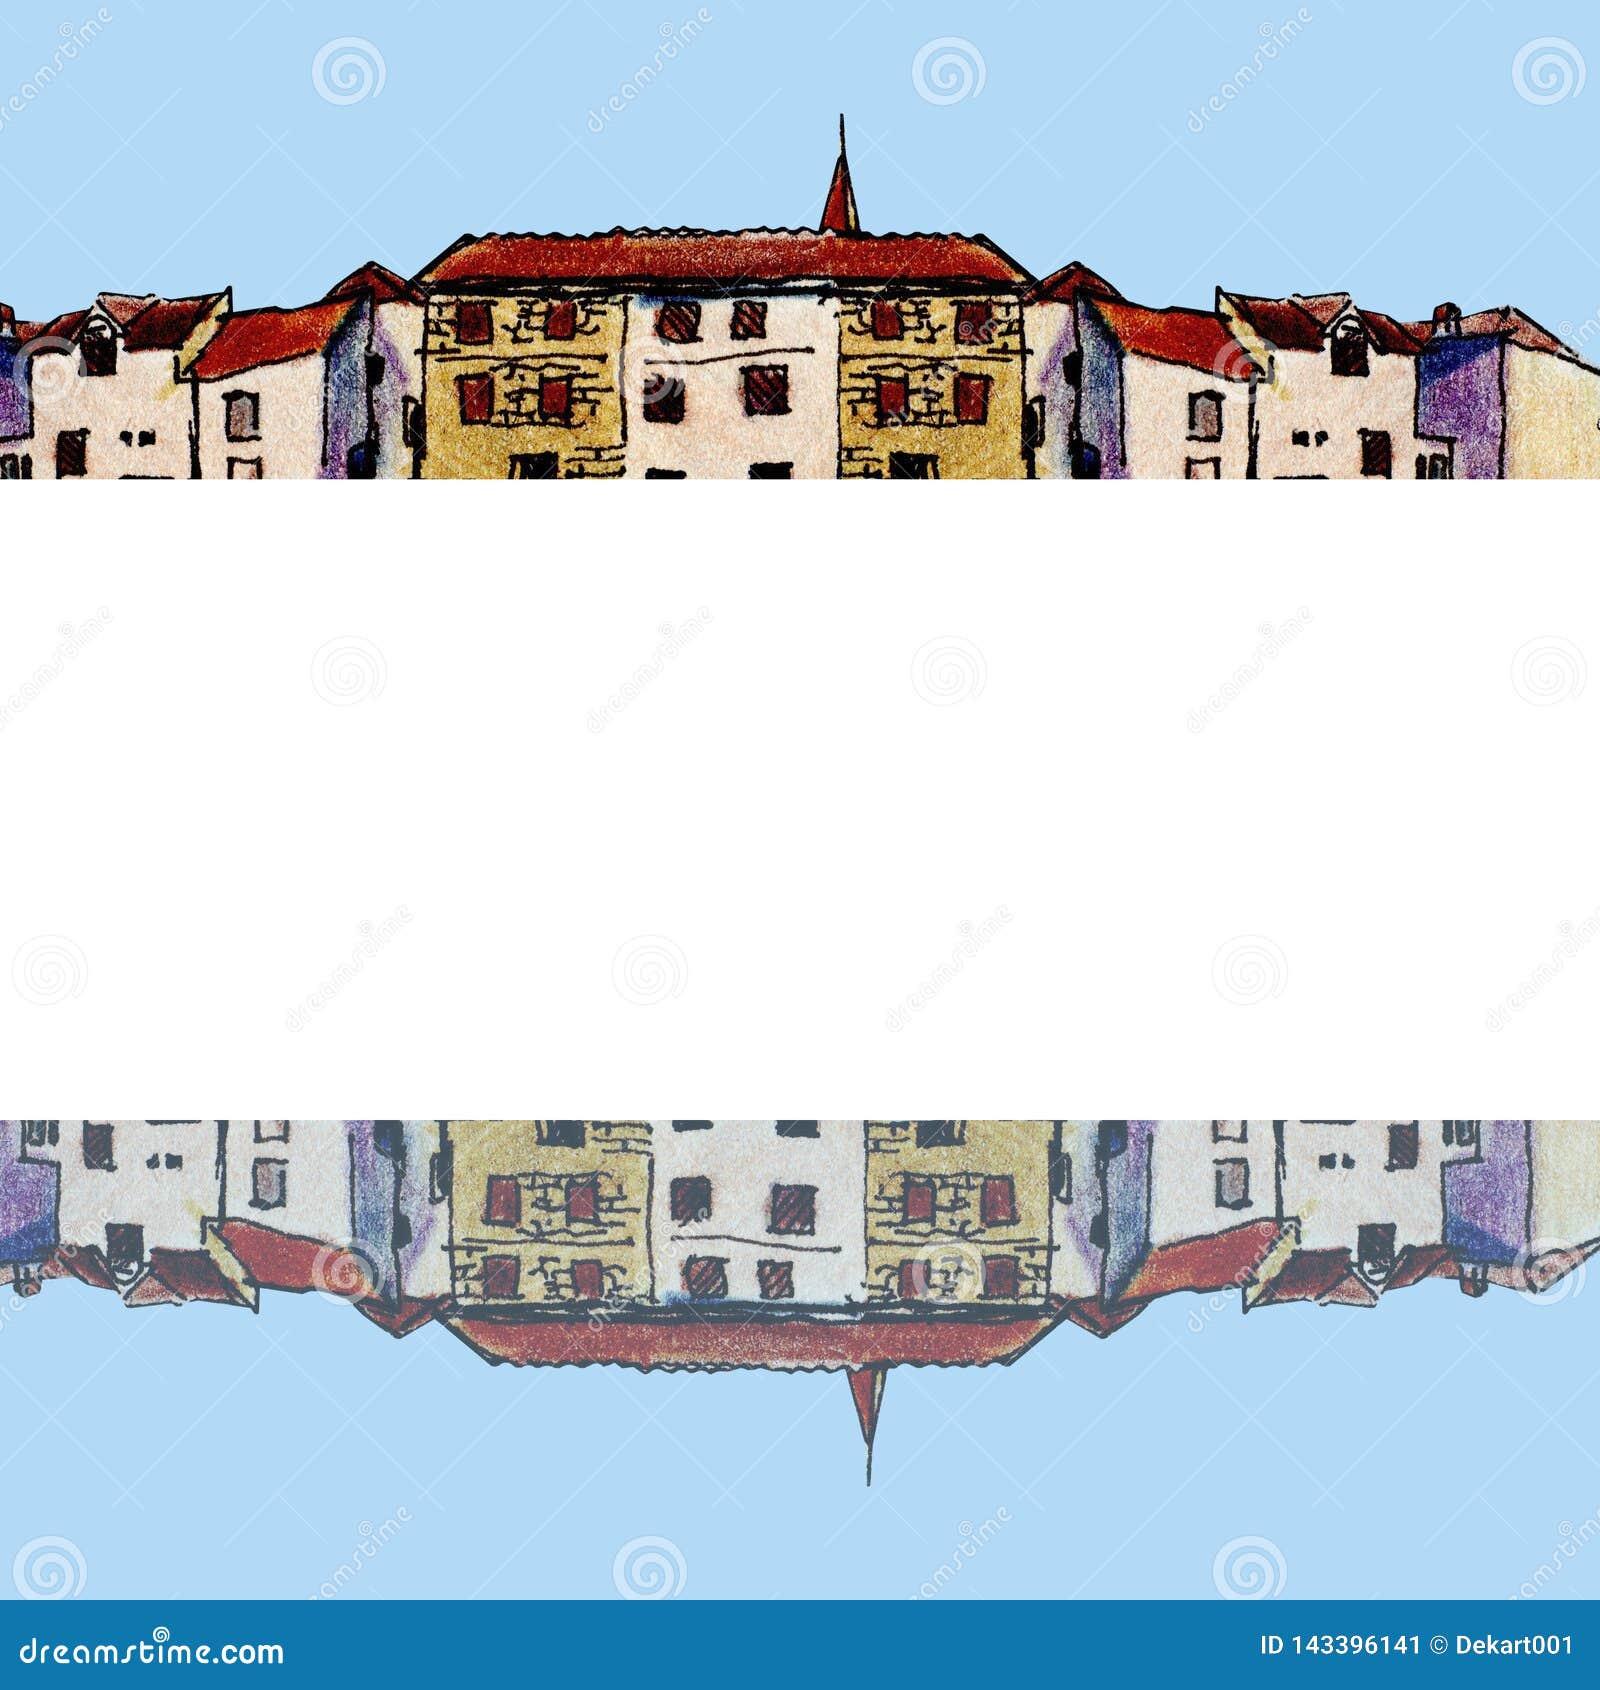 Oude stad in schetsstijl en geïsoleerd op witte achtergrond, kleurrijk potlood